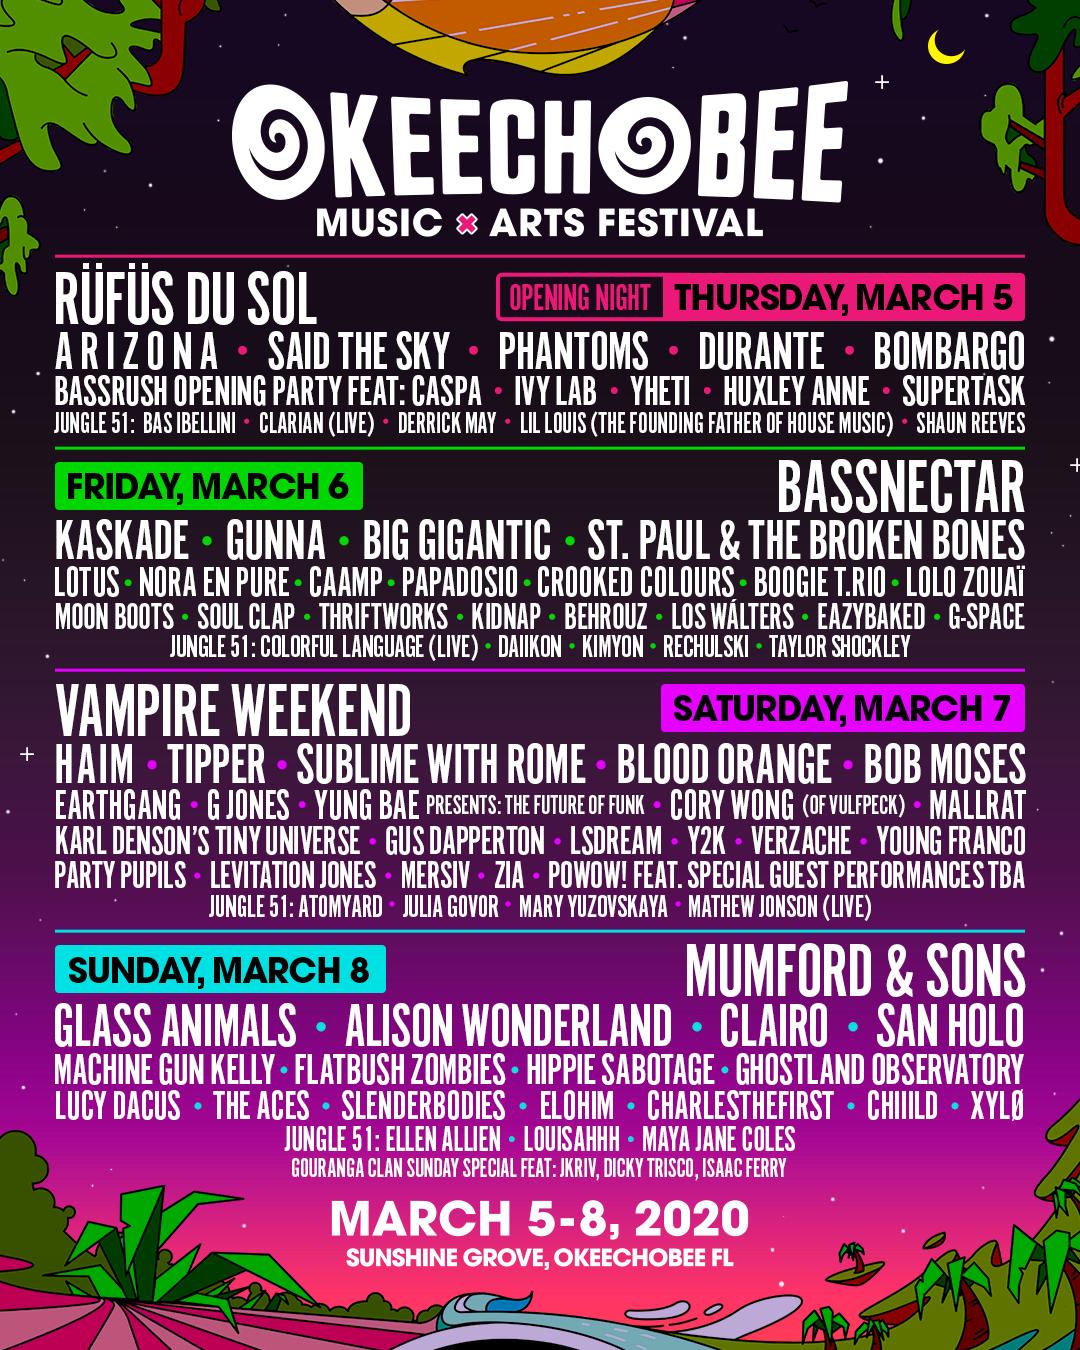 okeechobee 2020 lineup